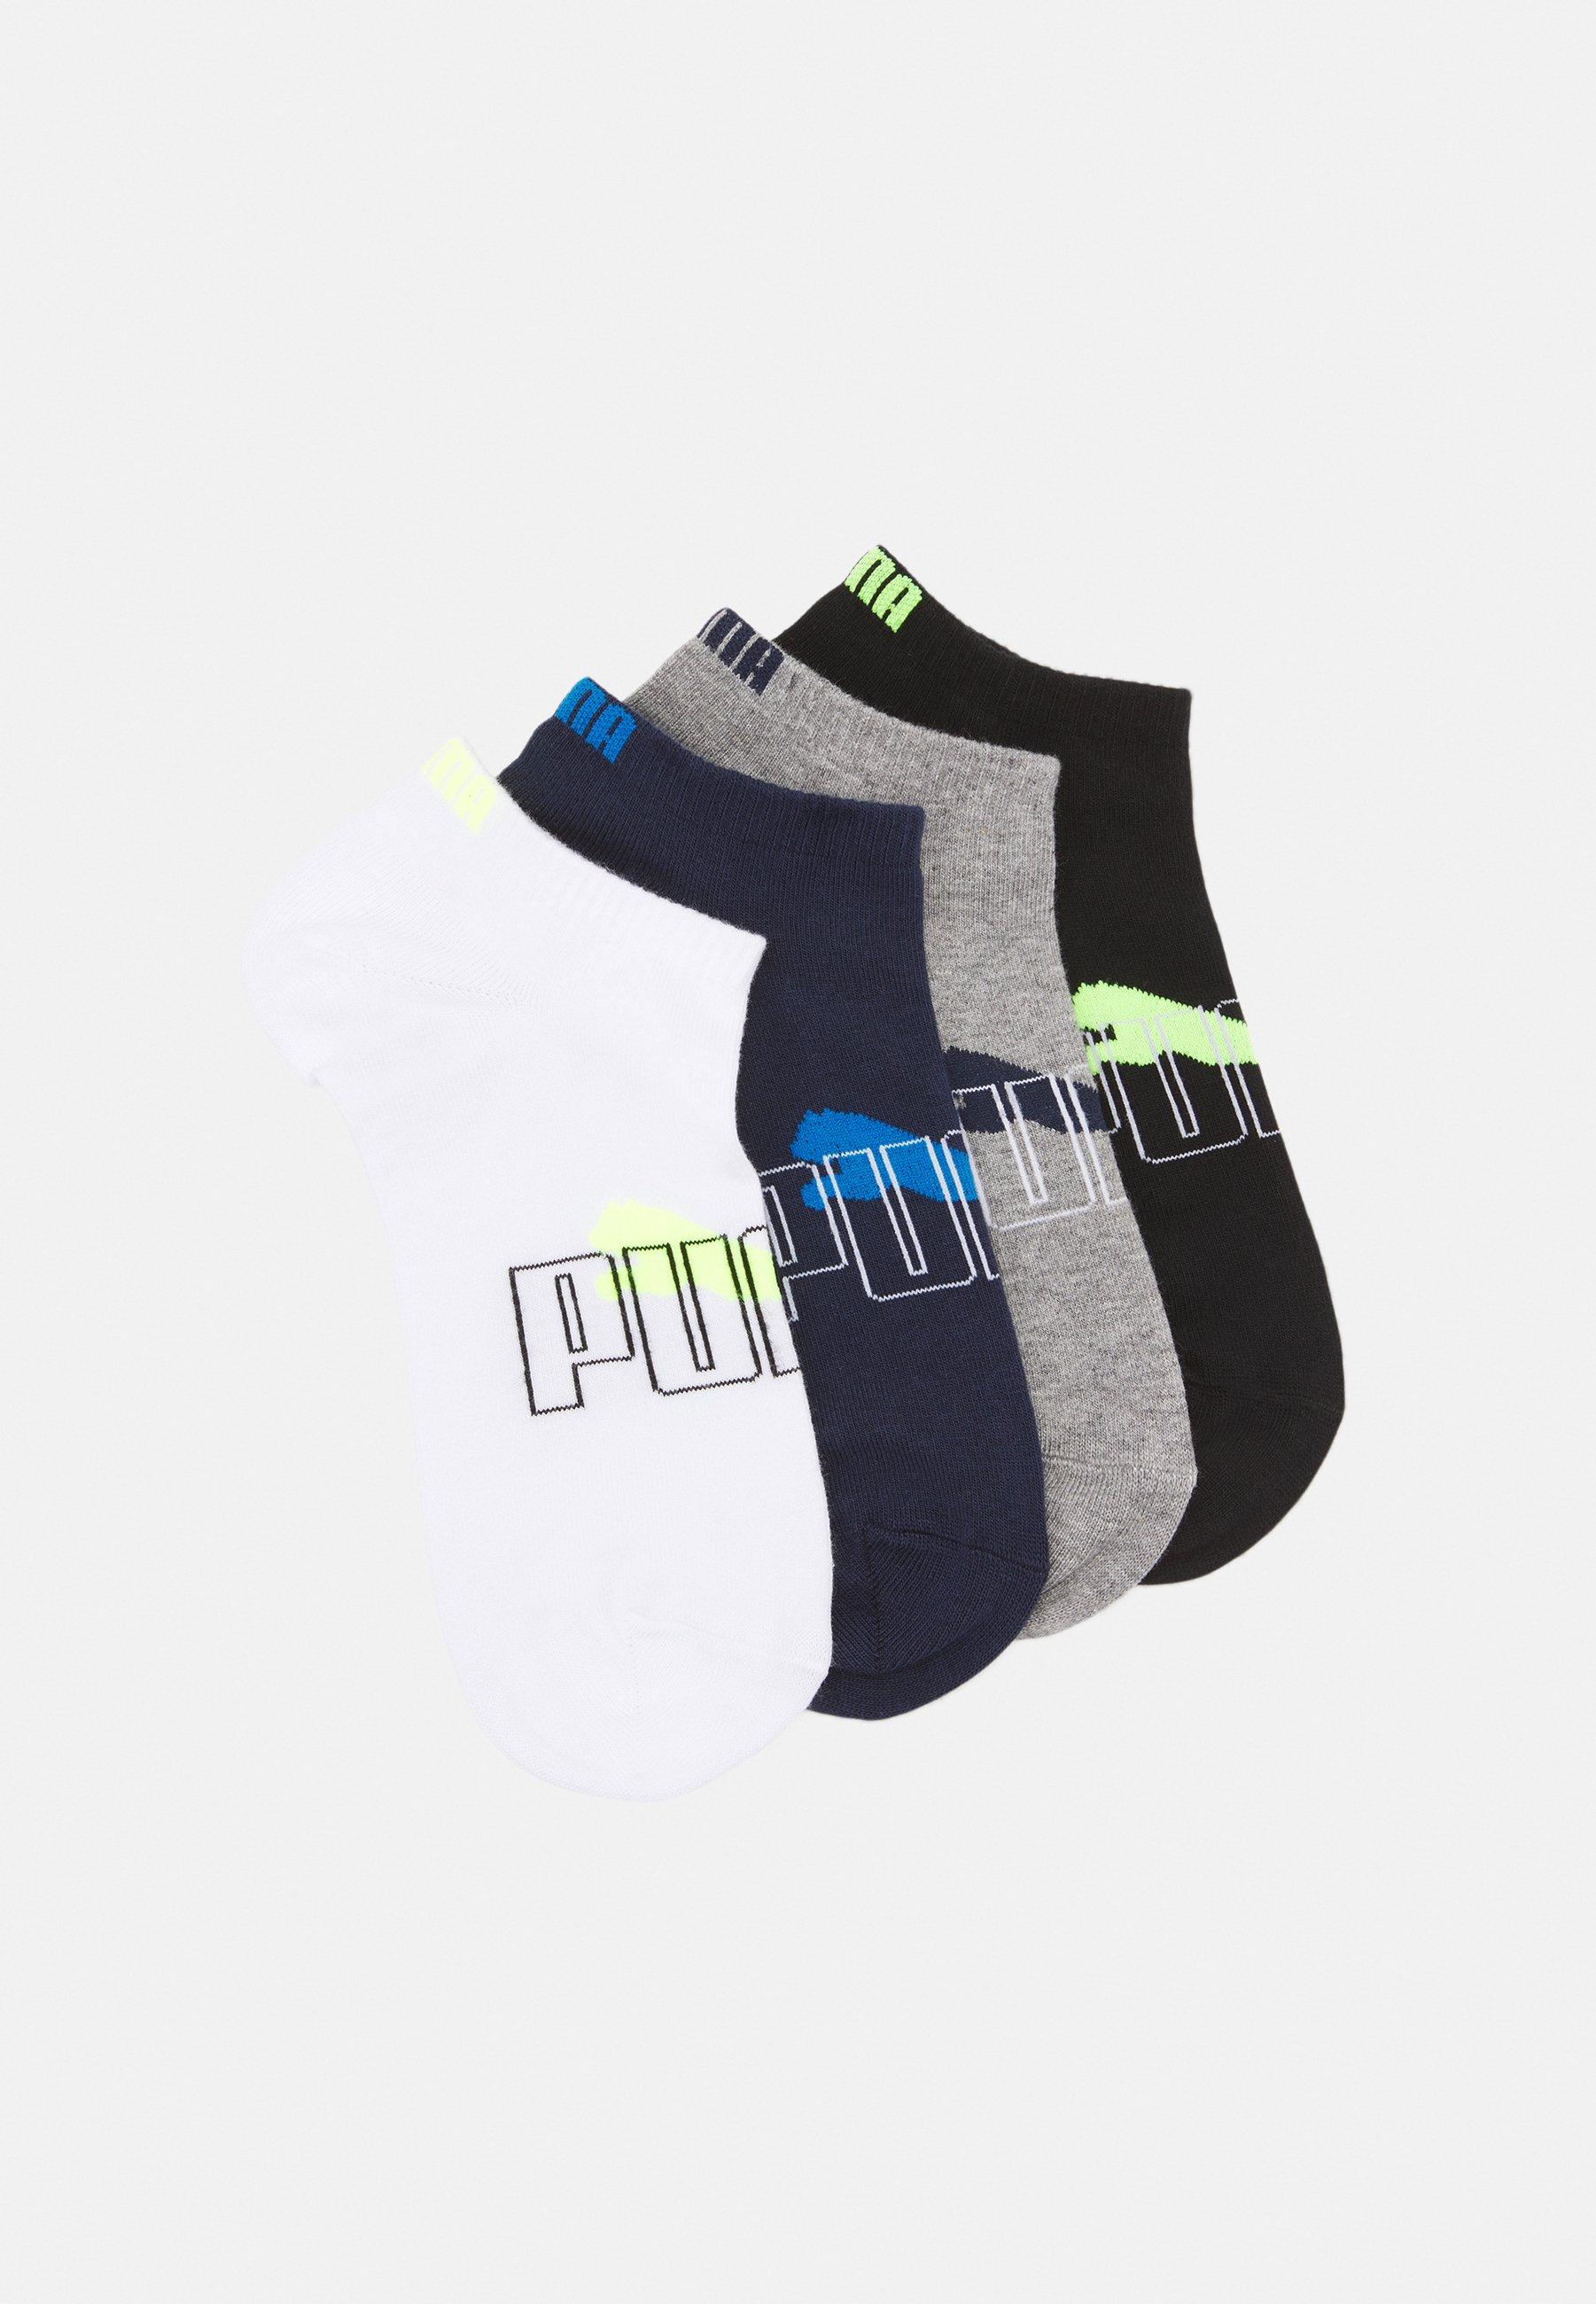 Homme MEN OUTLINE LOGO SNEAKER 4 PACK - Socquettes